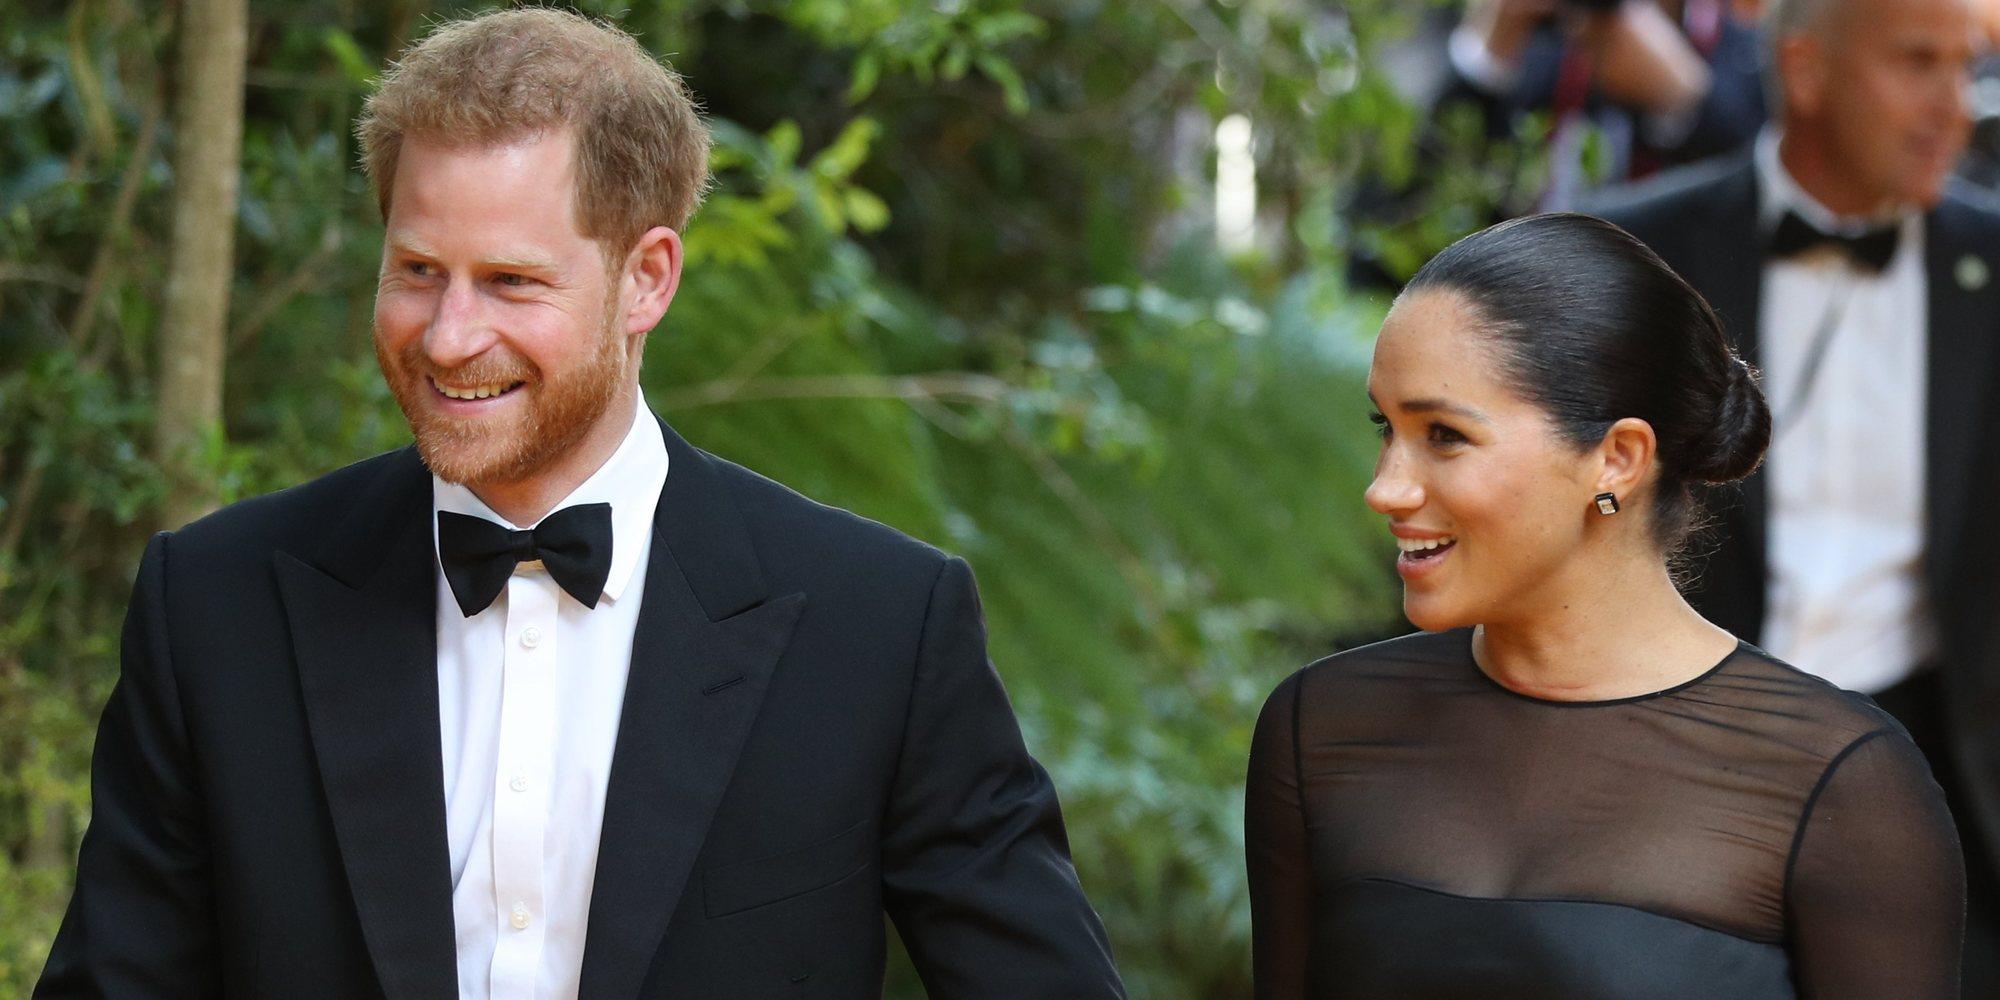 Las exigencias protocolarias del Príncipe Harry y Meghan Markle para asistir a la premiere de 'El Rey León'